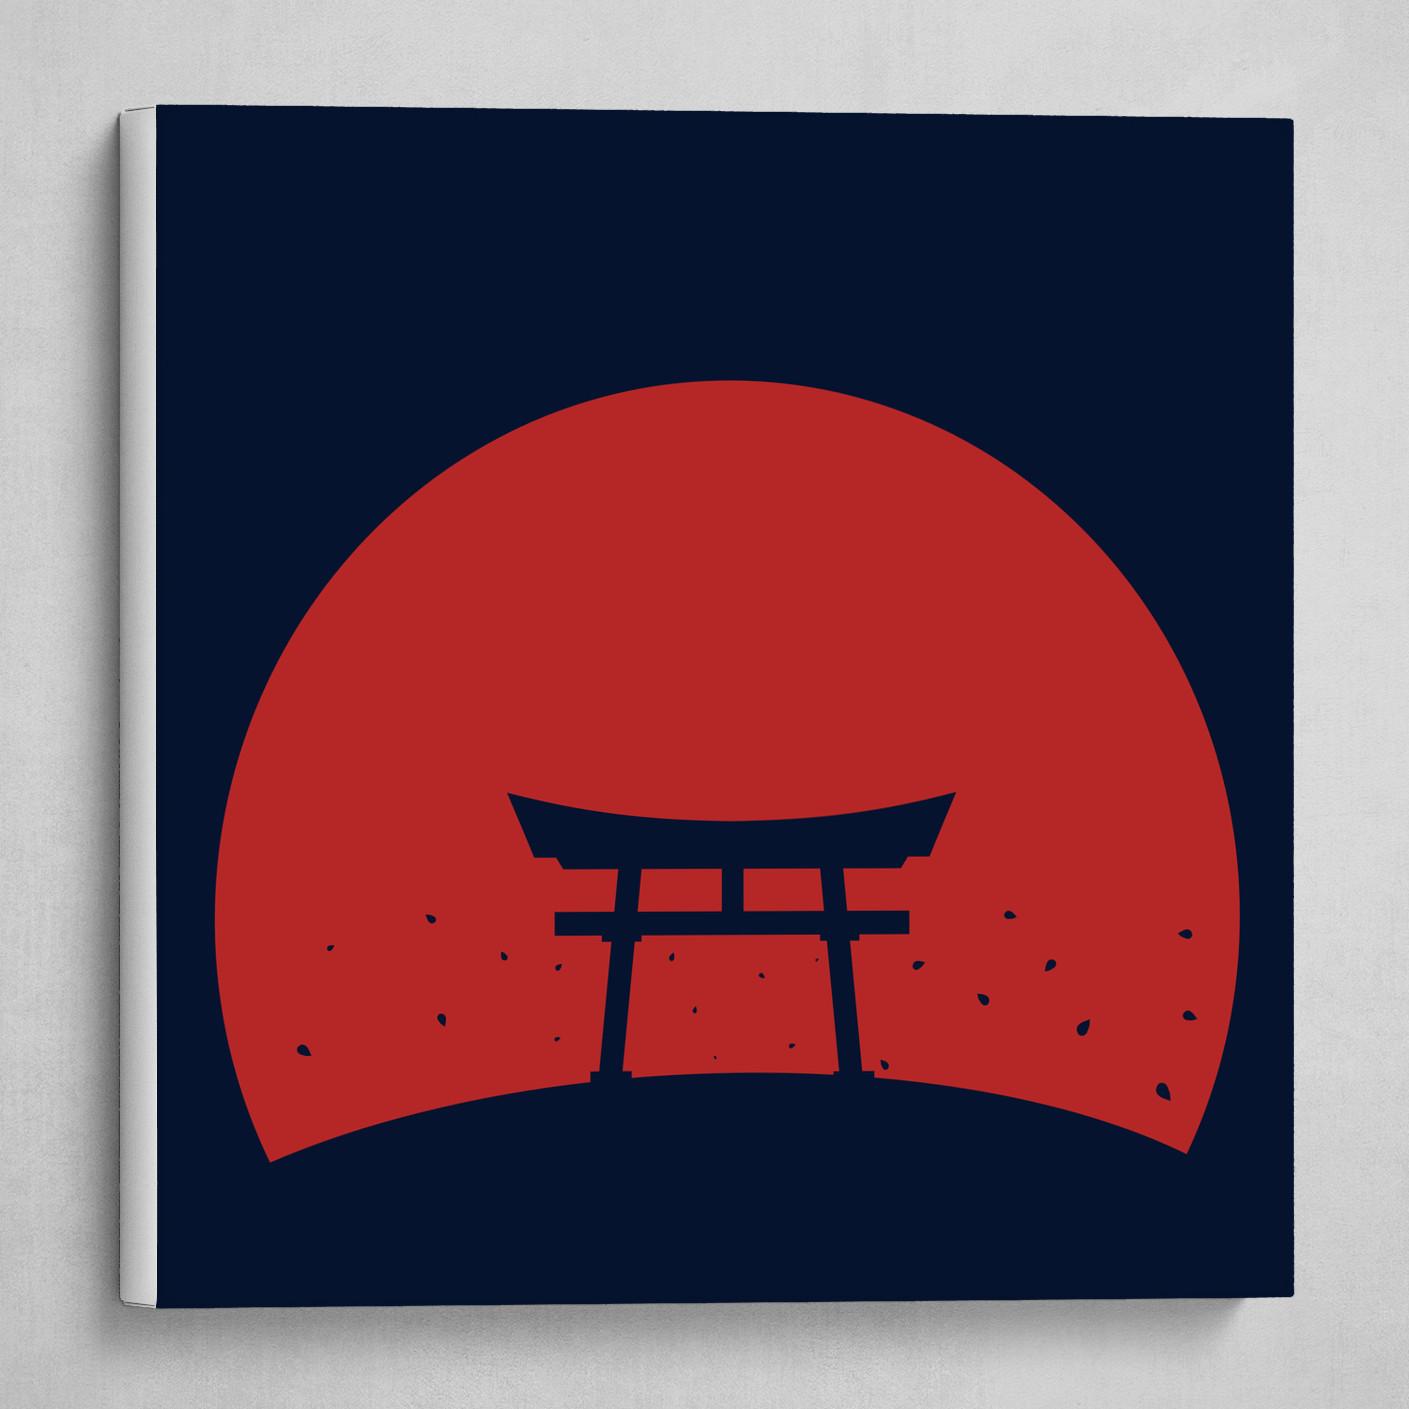 Shinto Cutout